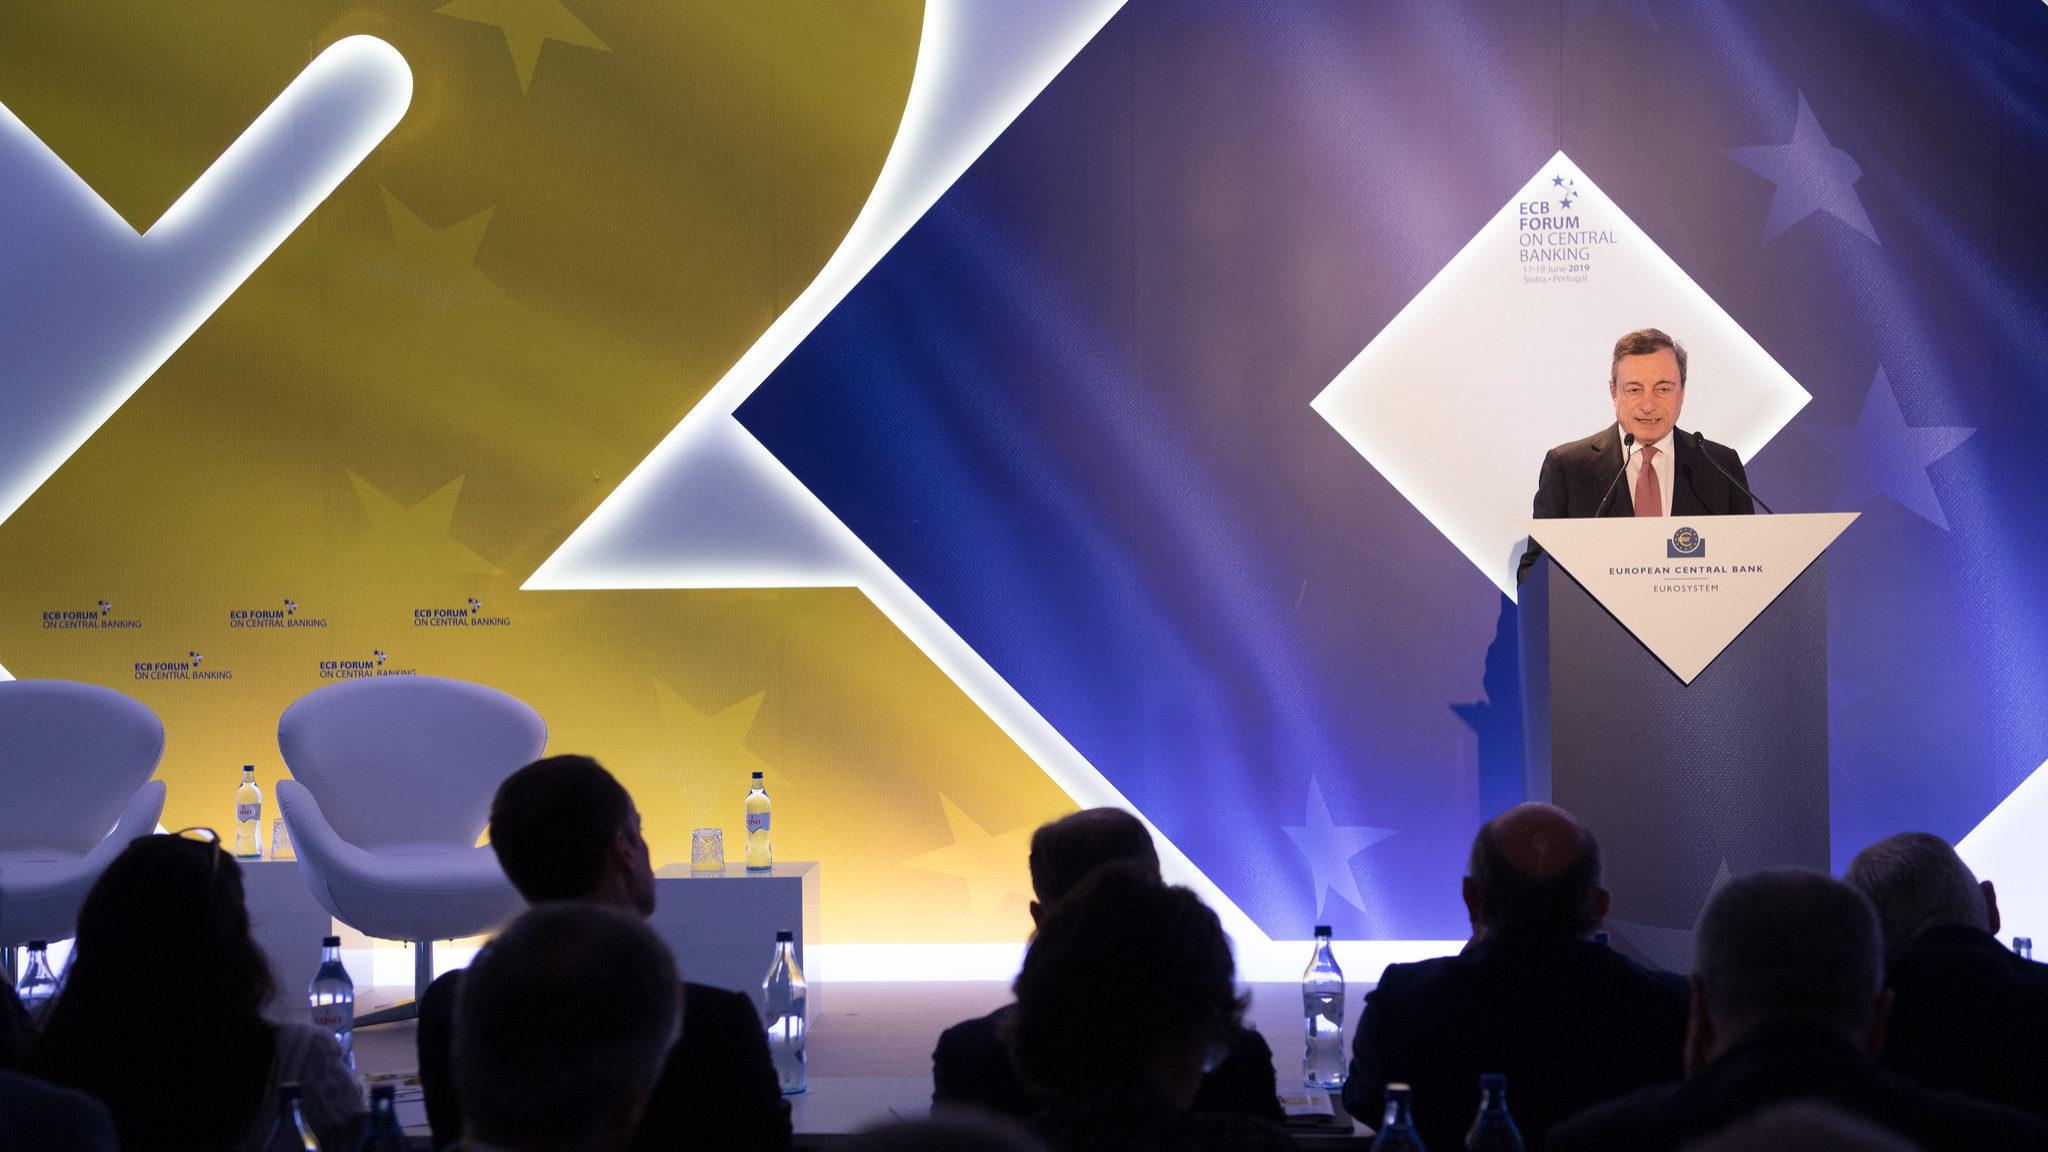 """Draghi admite """"estímulos adicionais"""". Está pronto para cortar juros caso a economia não acelere"""